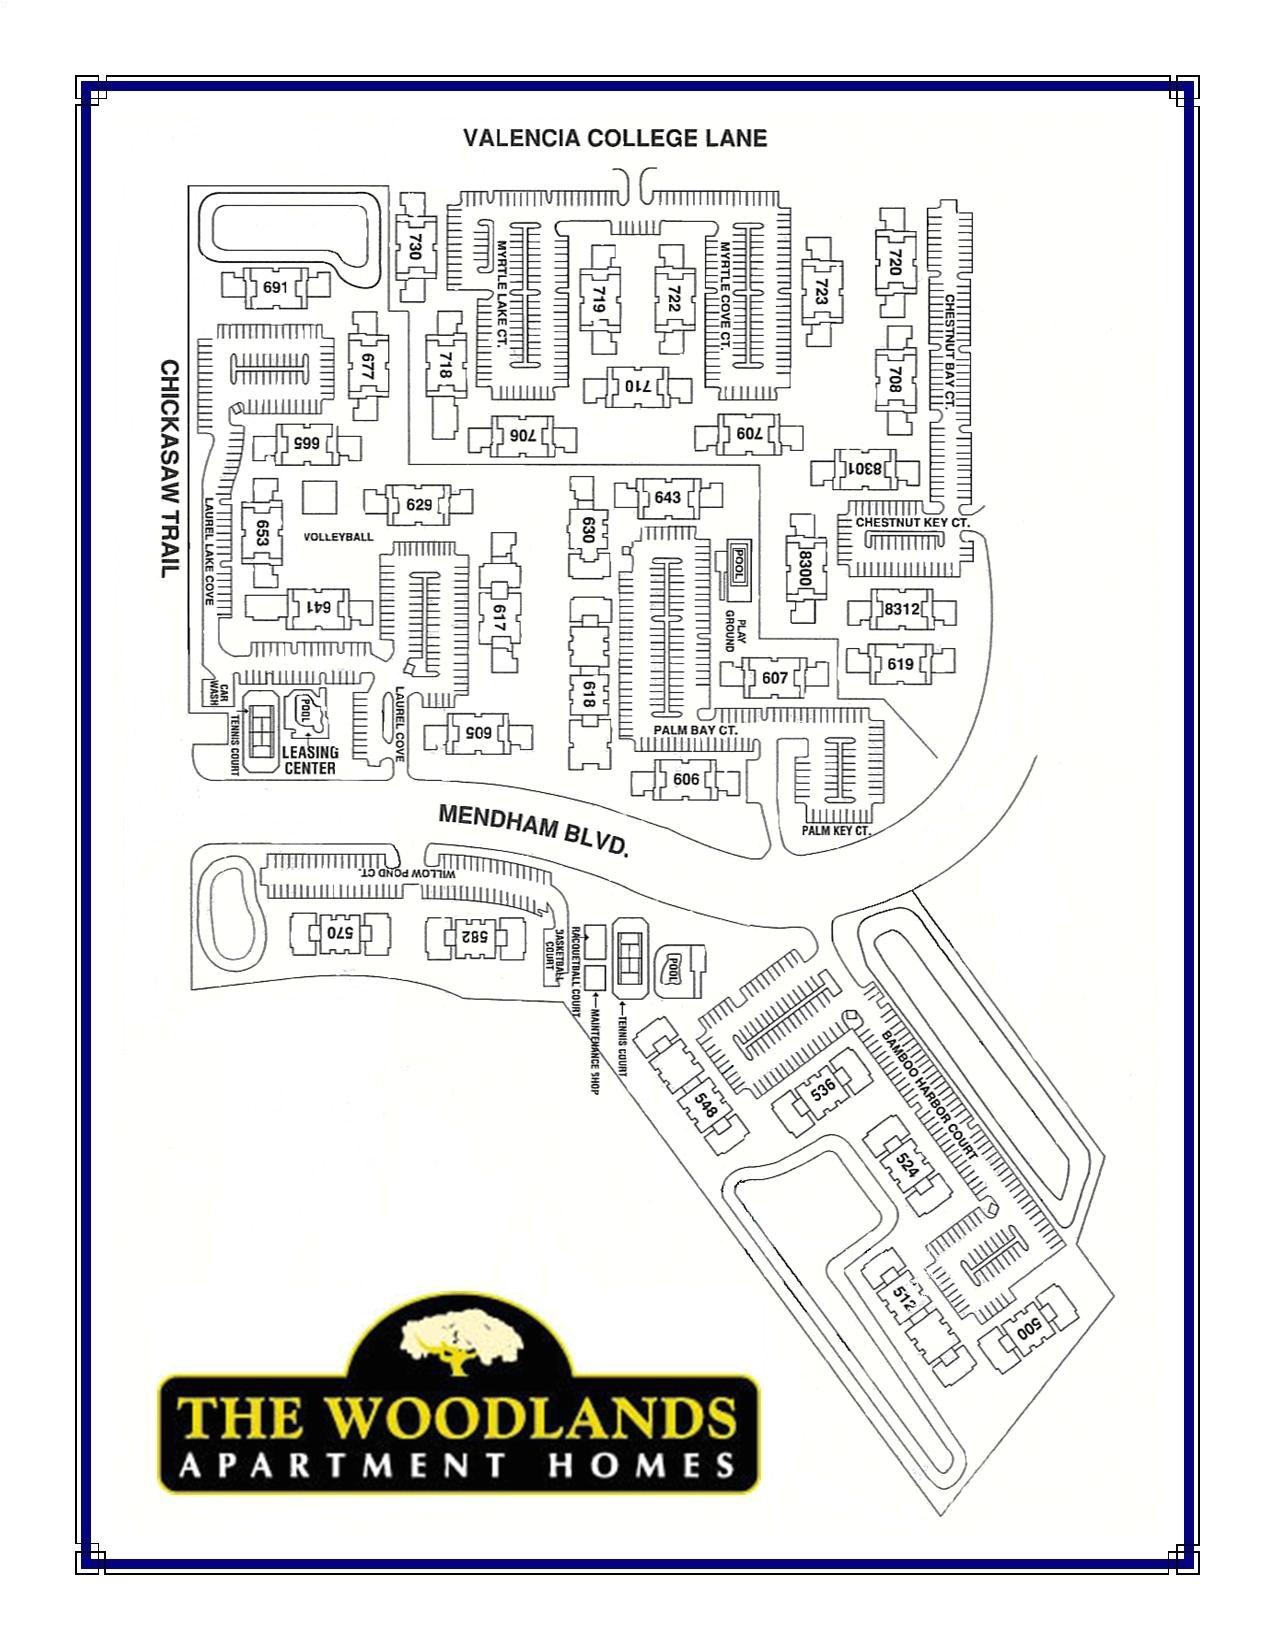 Walmart Rubber Garage Floor Mats Walmart Black Friday Floor Maps Elegant Map Neighborhood the